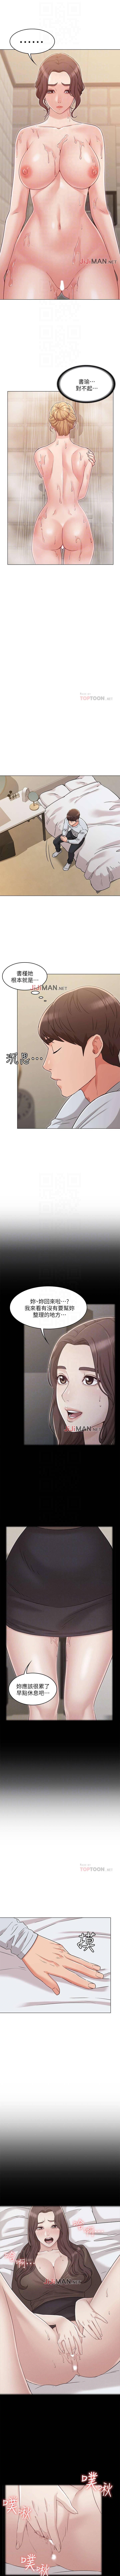 【周六连载】女友的姐姐(作者:橡果人&獵狗) 第1~23话 173